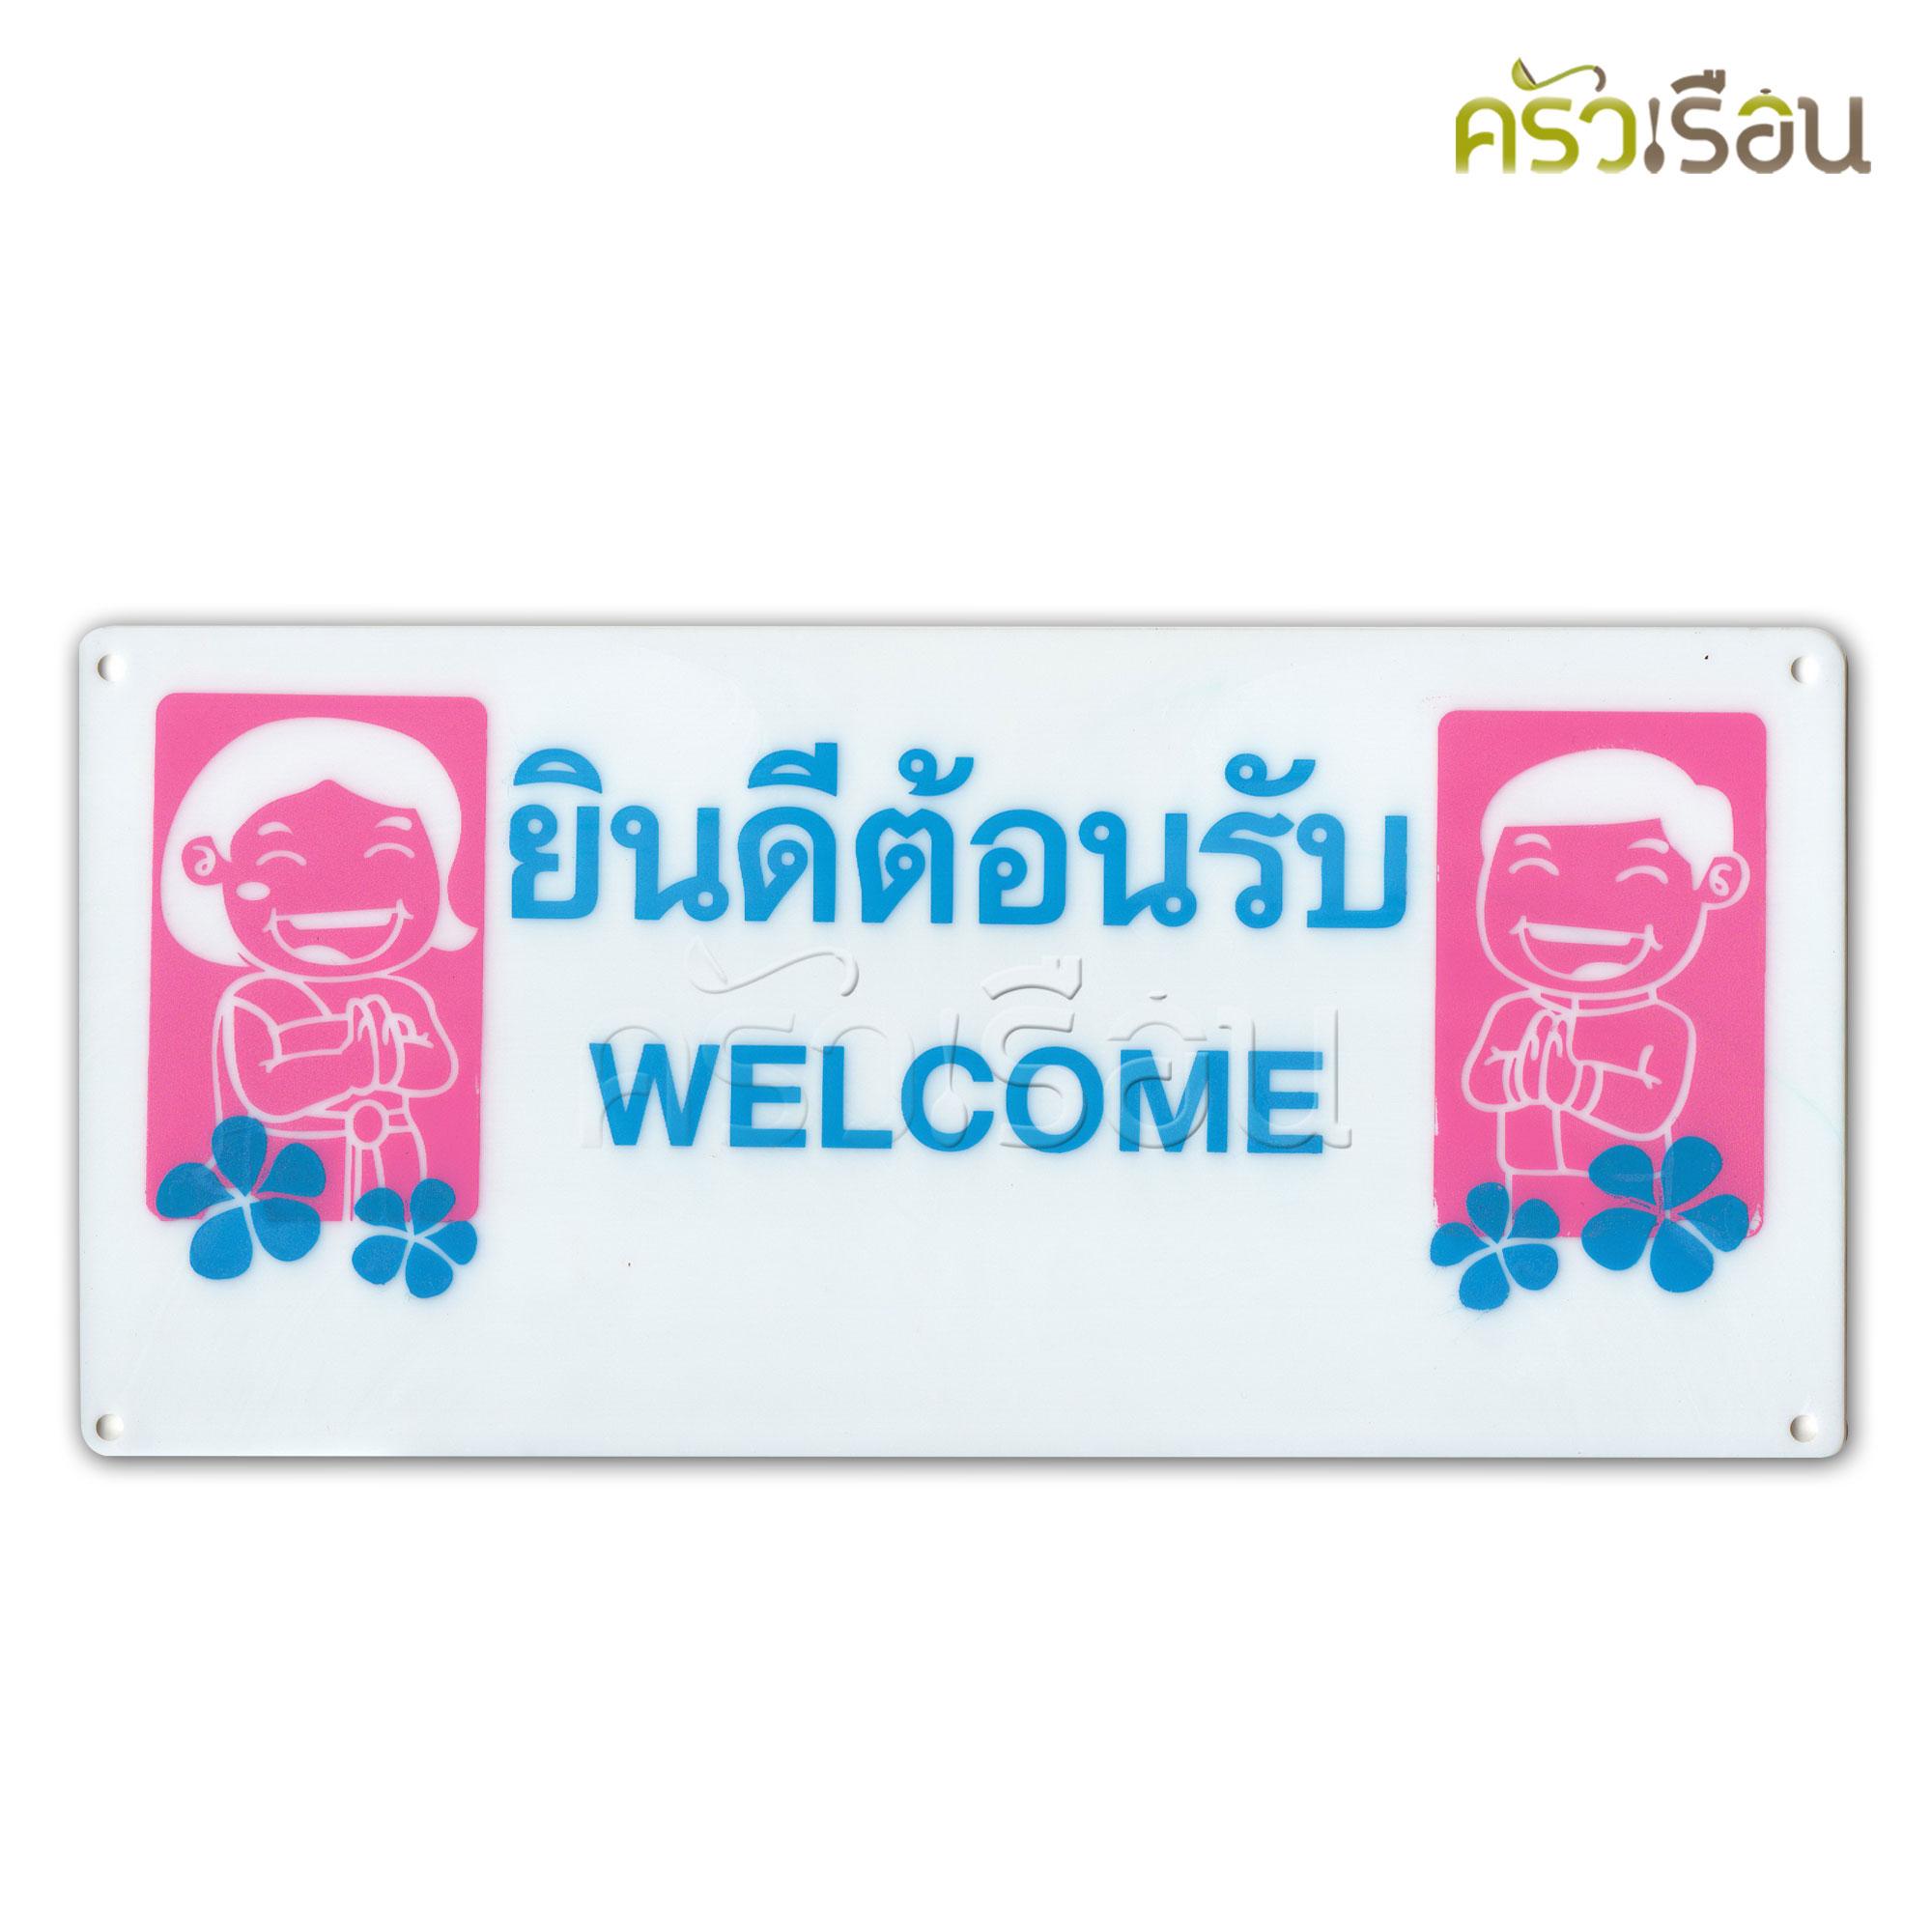 ป้าย - ยินดีตอนรับ Welcome